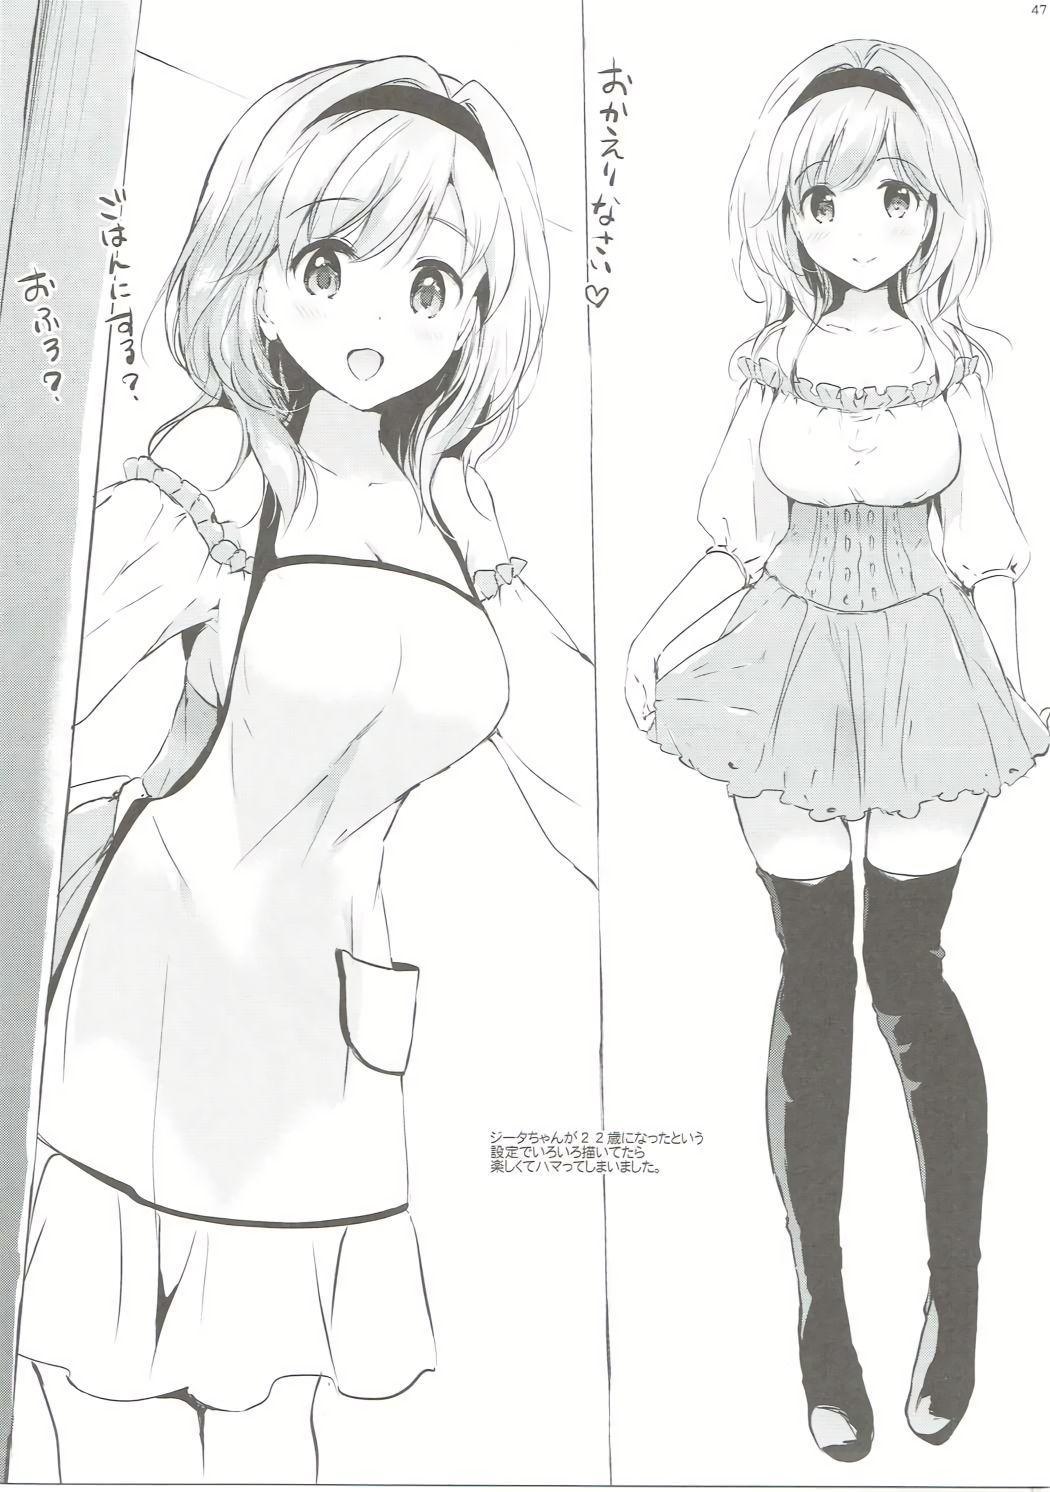 Djeeta-chan no Renai Battle na Hibi ep. 2.5 45